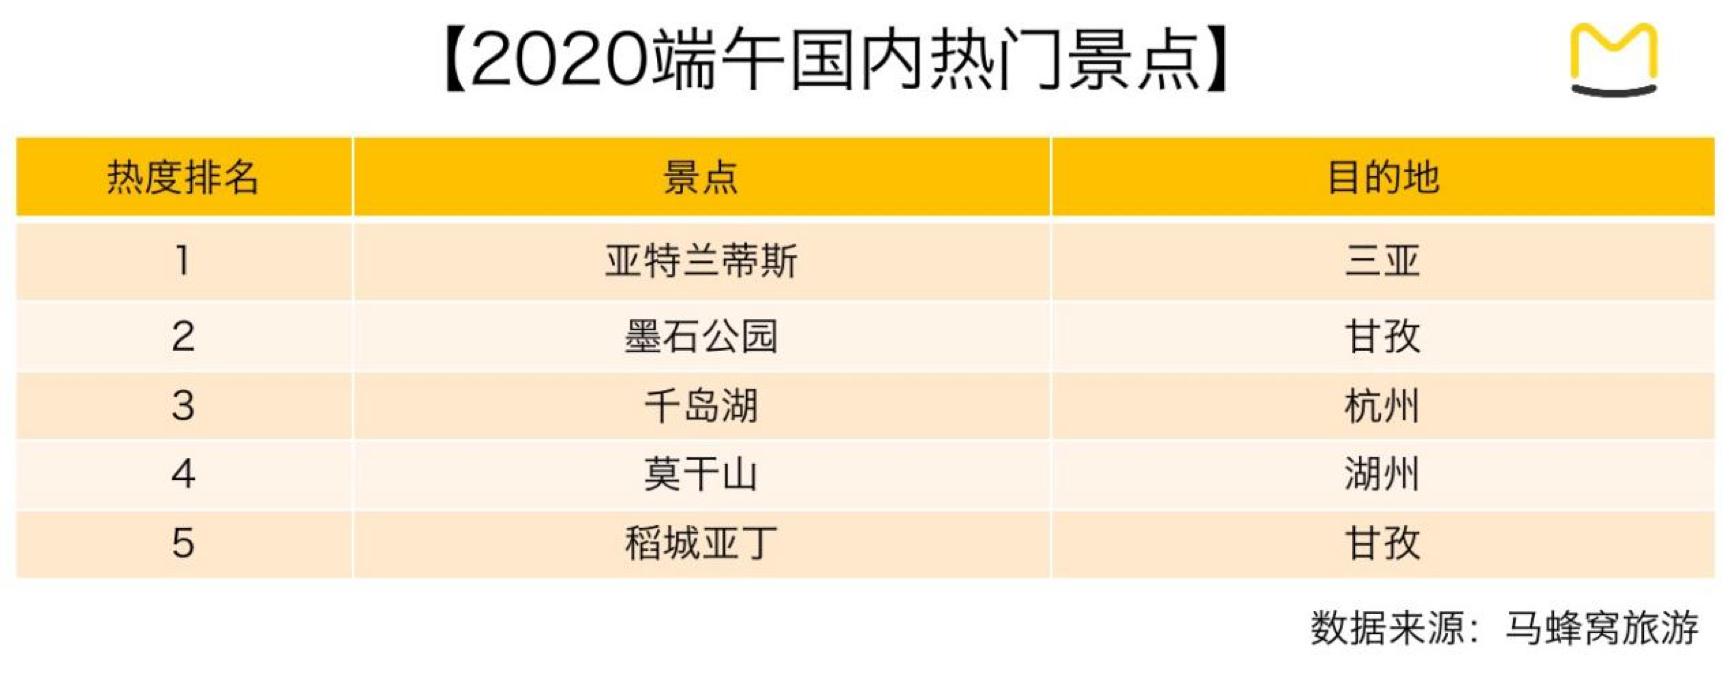 马蜂窝旅游:端午定制游订单上涨4300%